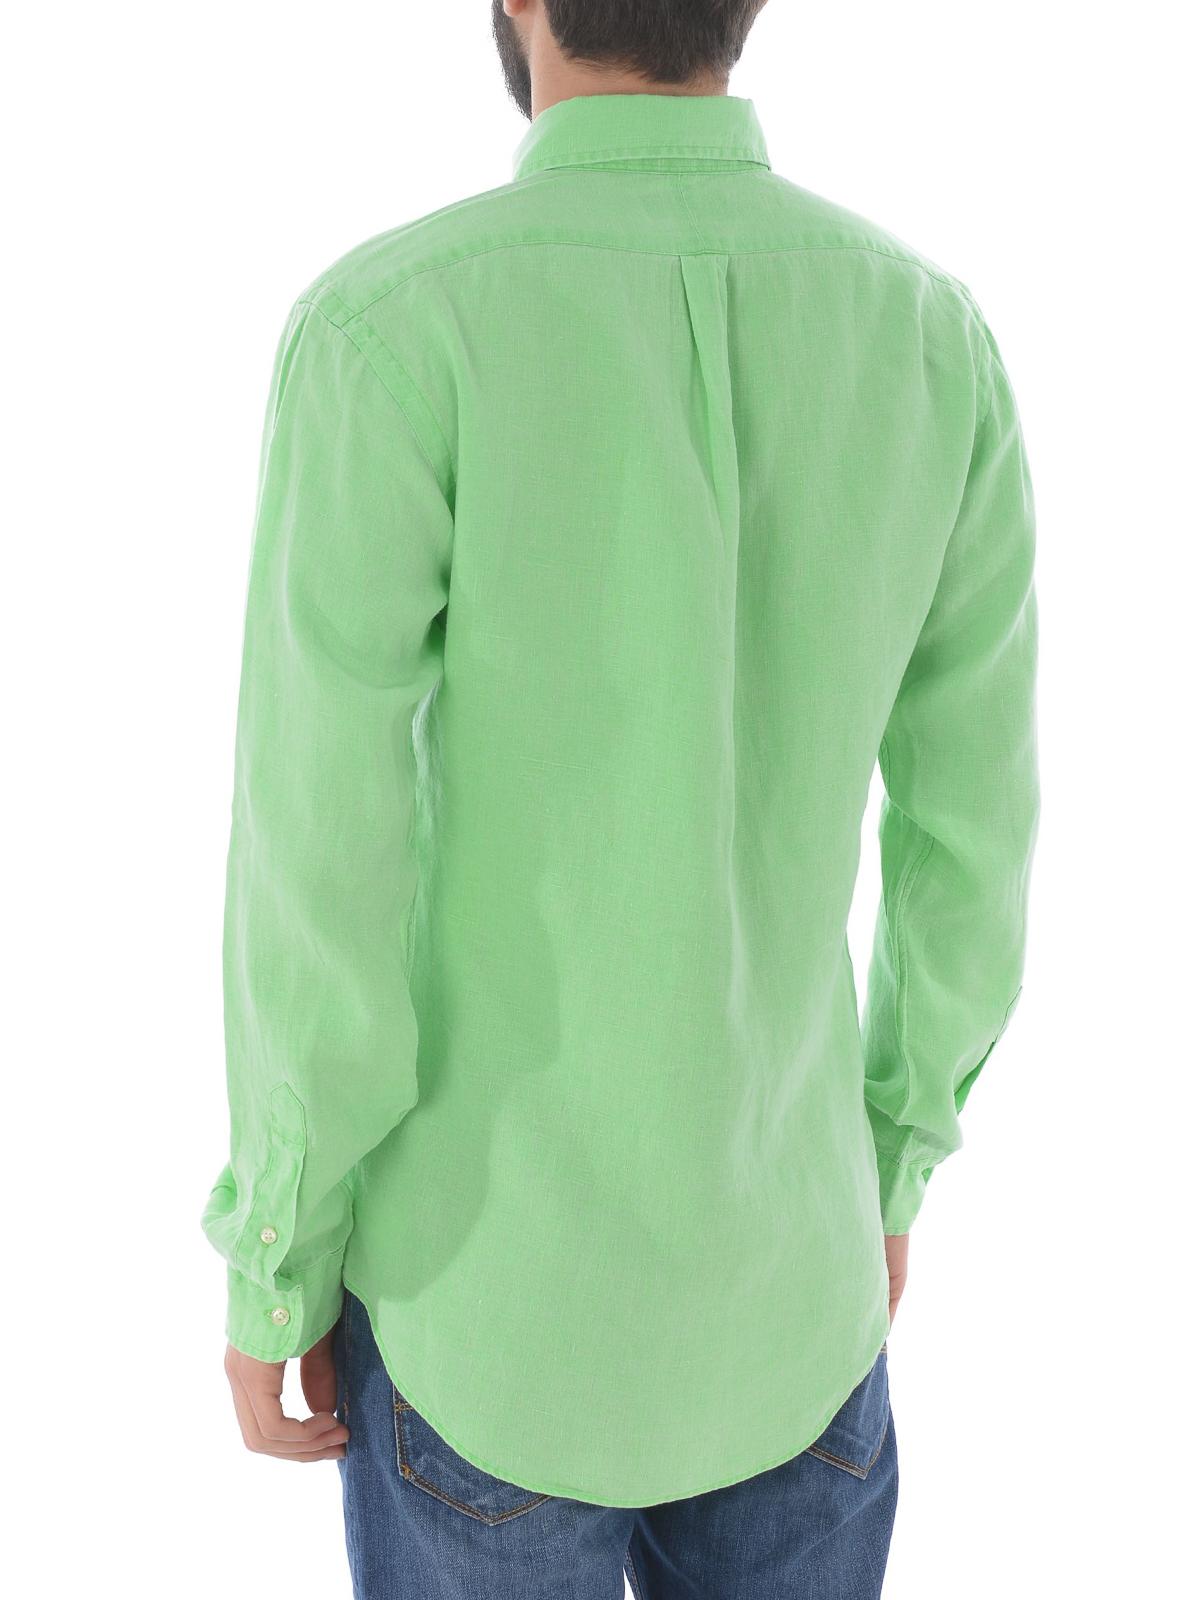 brand new 8f46f bcab6 Polo Ralph Lauren - Camicia in lino verde menta - camicie ...